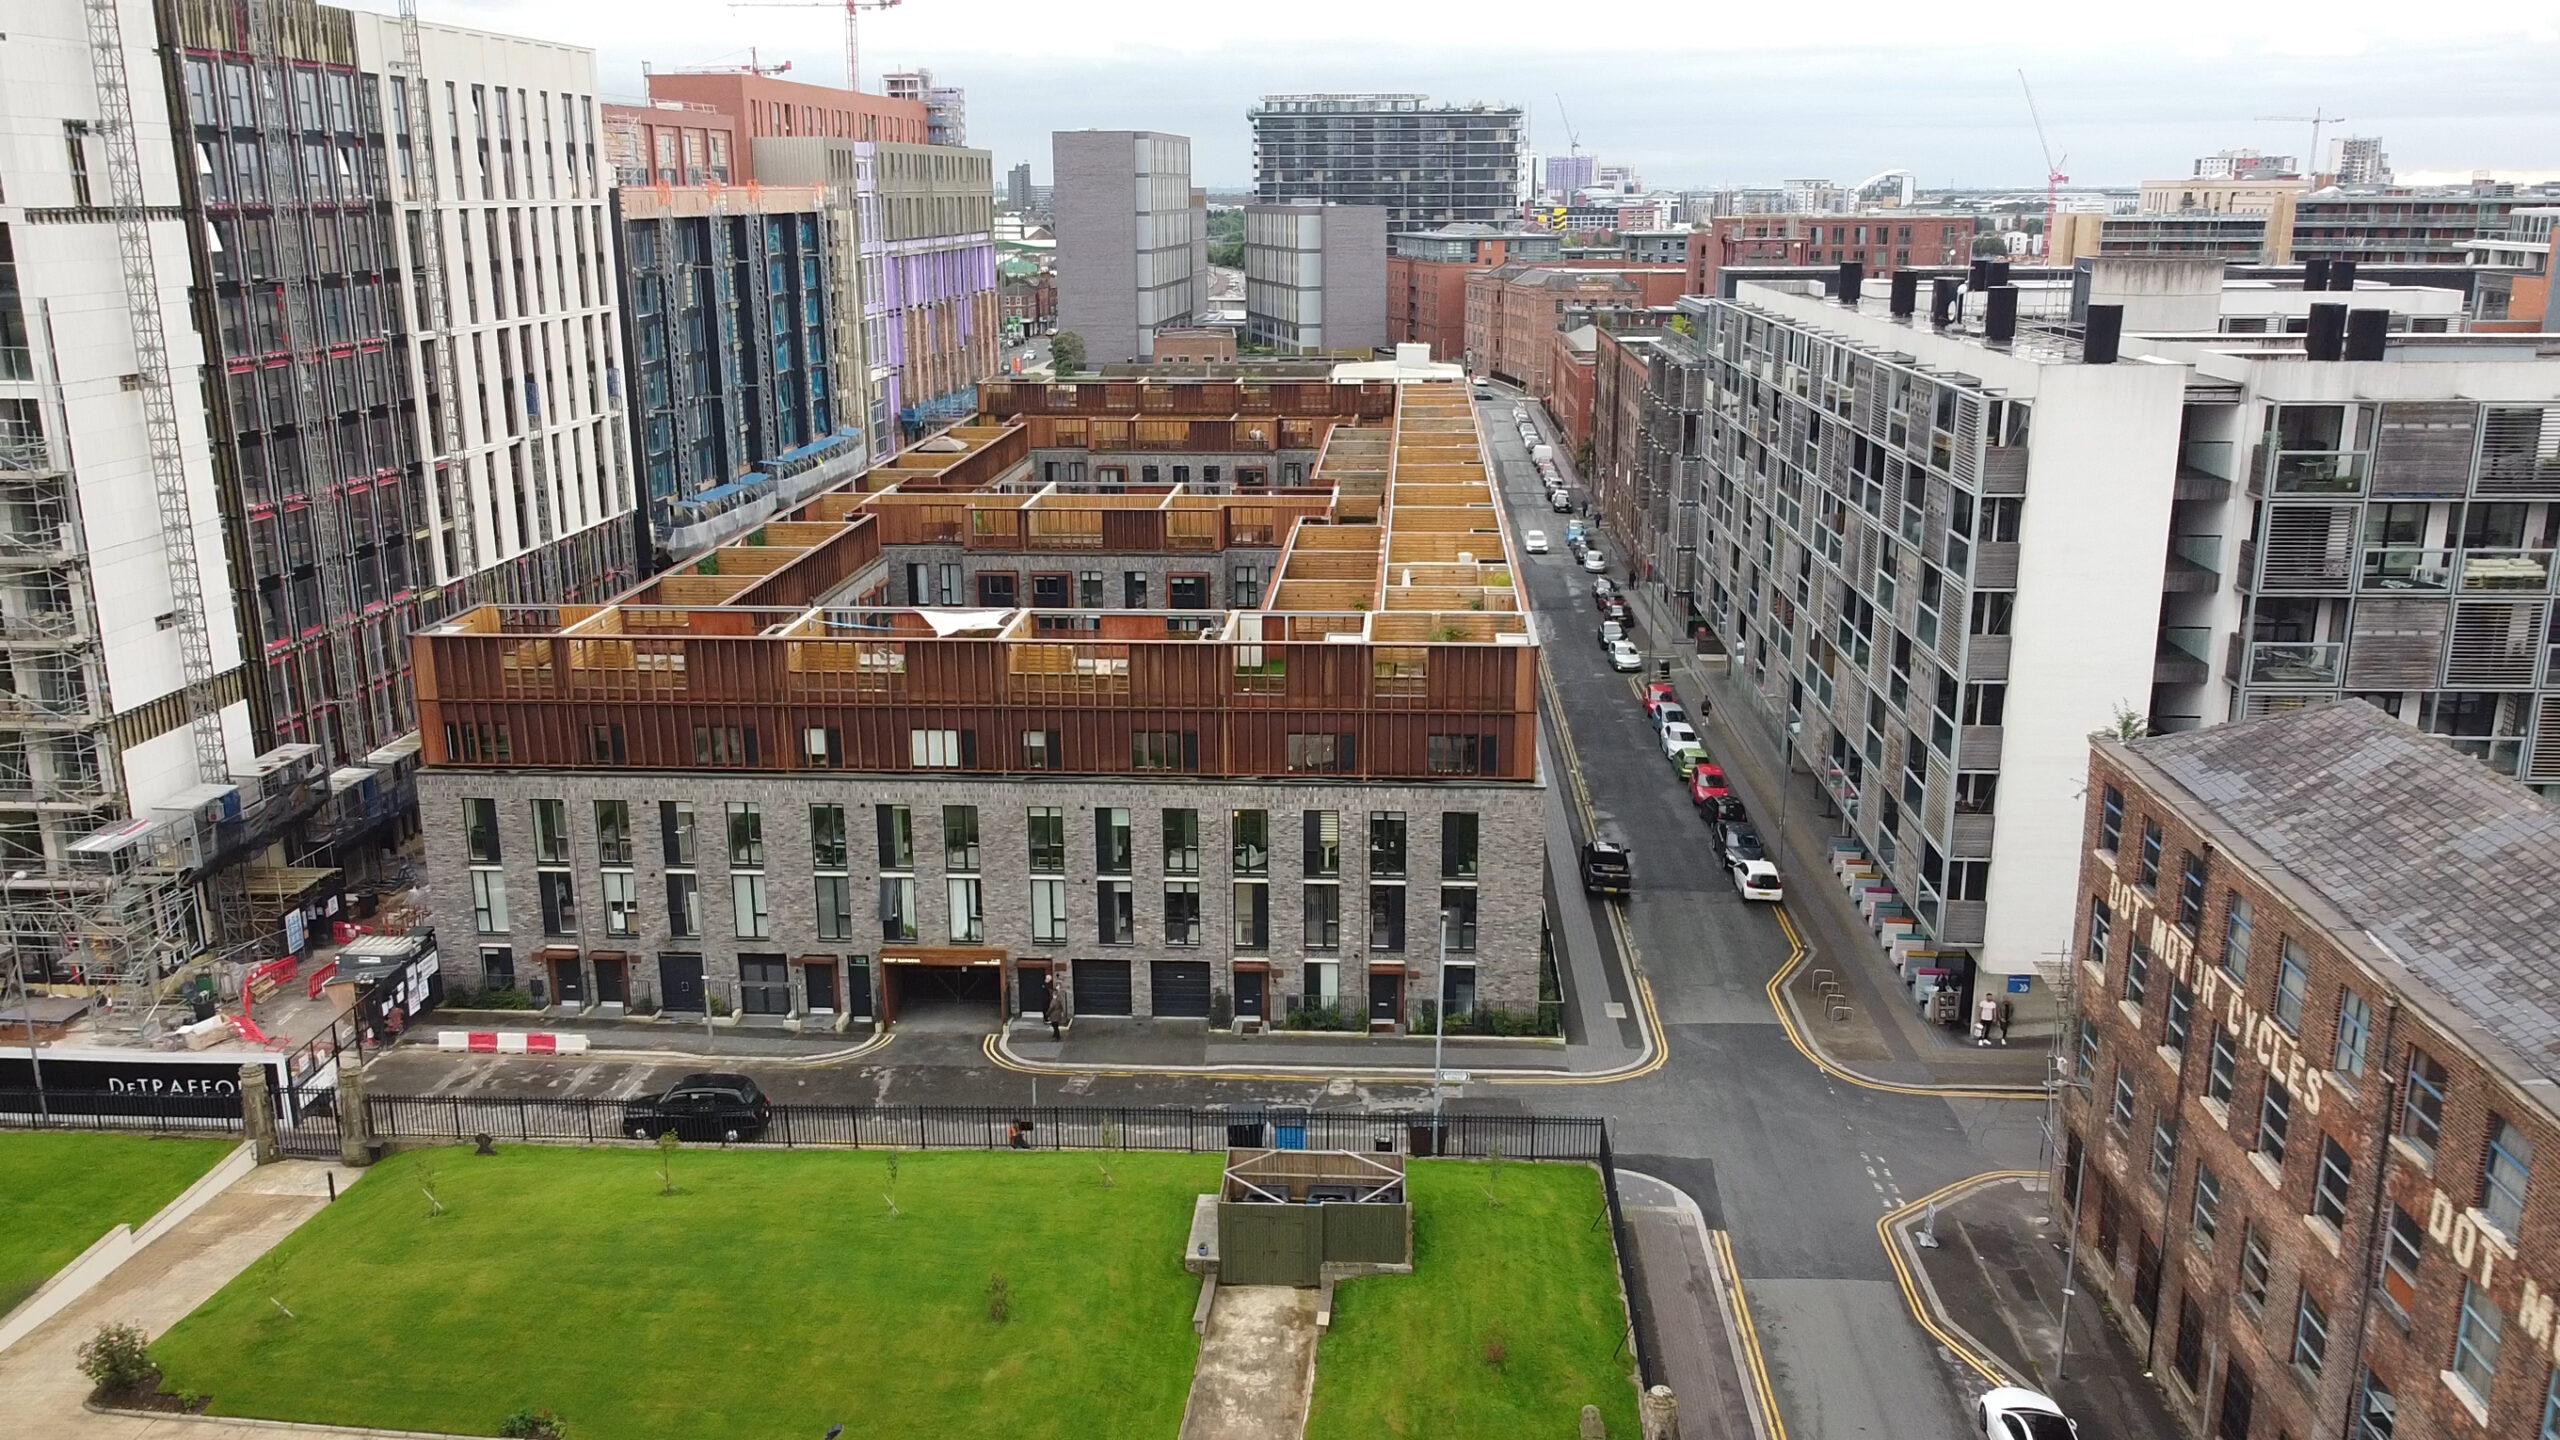 [曼城市中心品牌Townhouse] The Roof Gardens, Castlefield, Manchester, M15